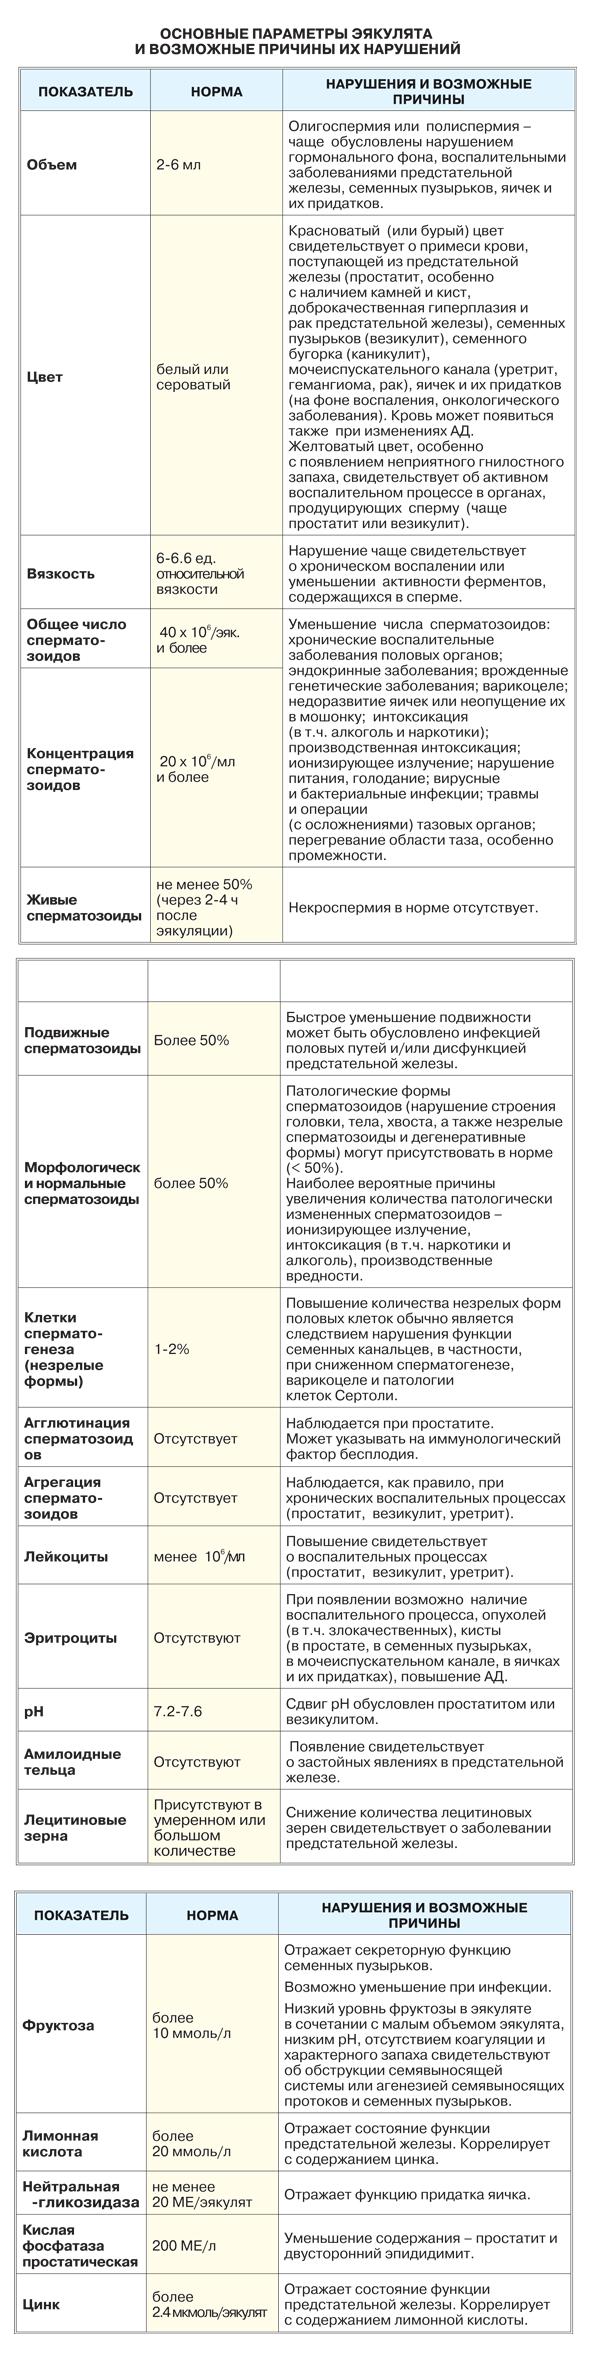 Исследование (анализ) эякулята